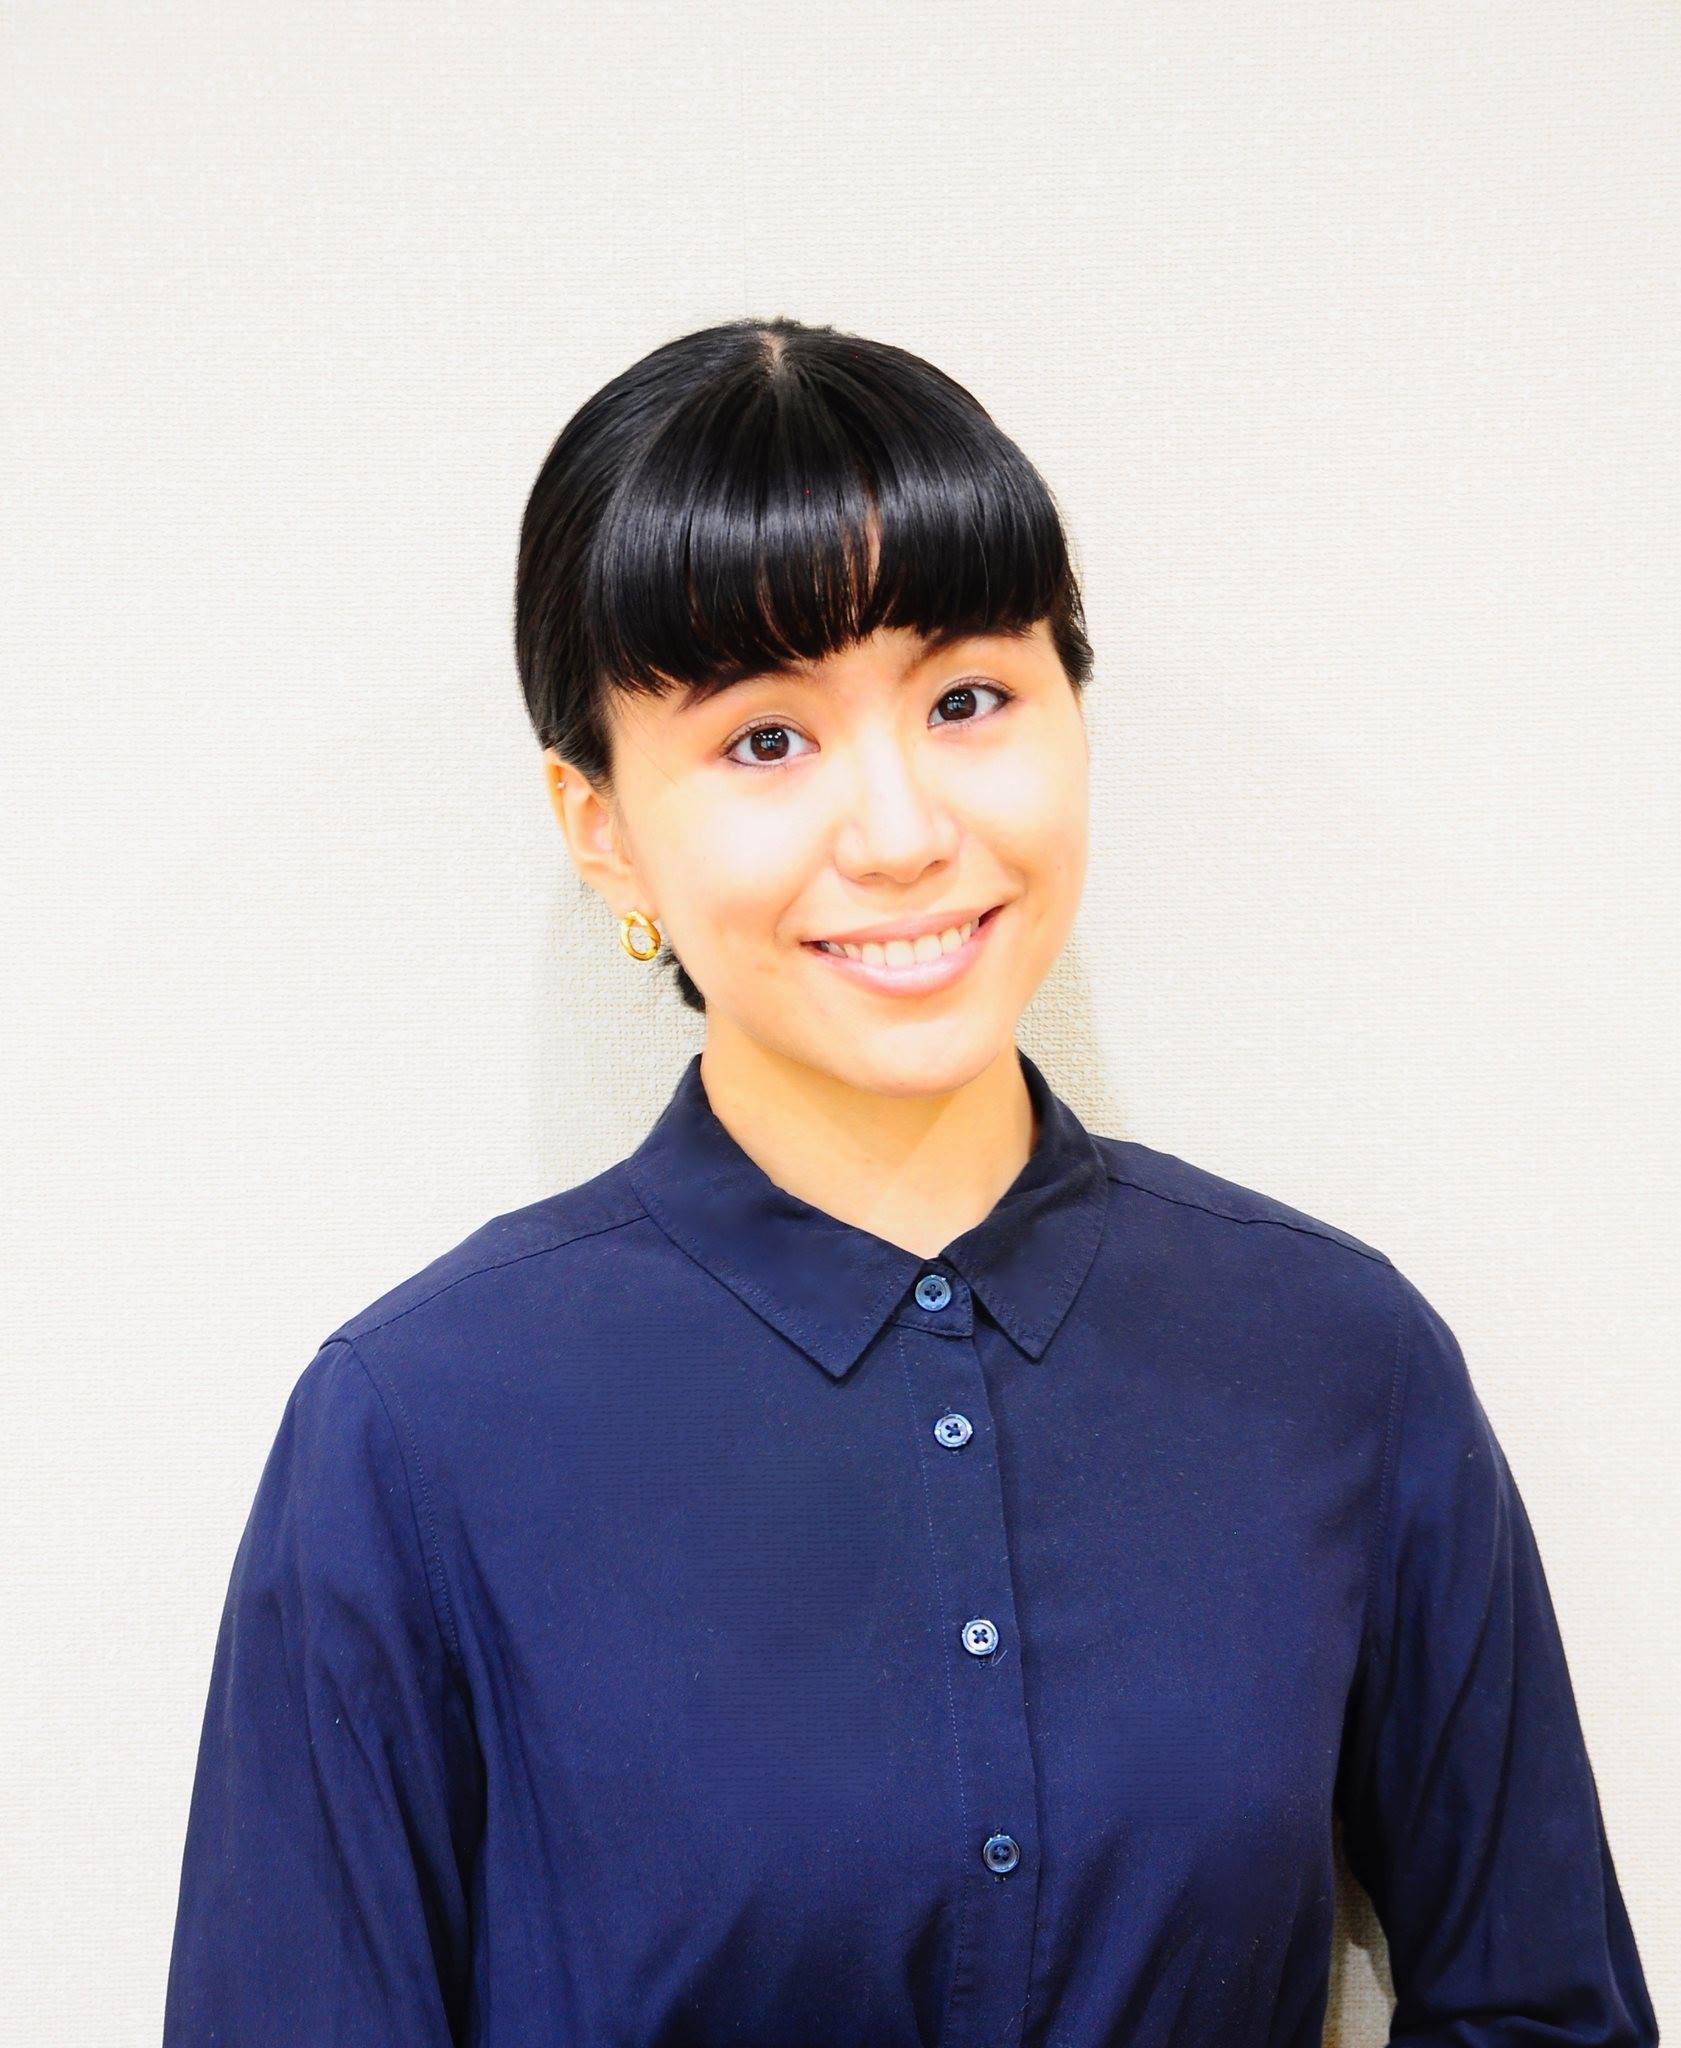 運営インタビュー:小松里紗「ママの陥りがちな疎外感を、OMUを通して応援したい」